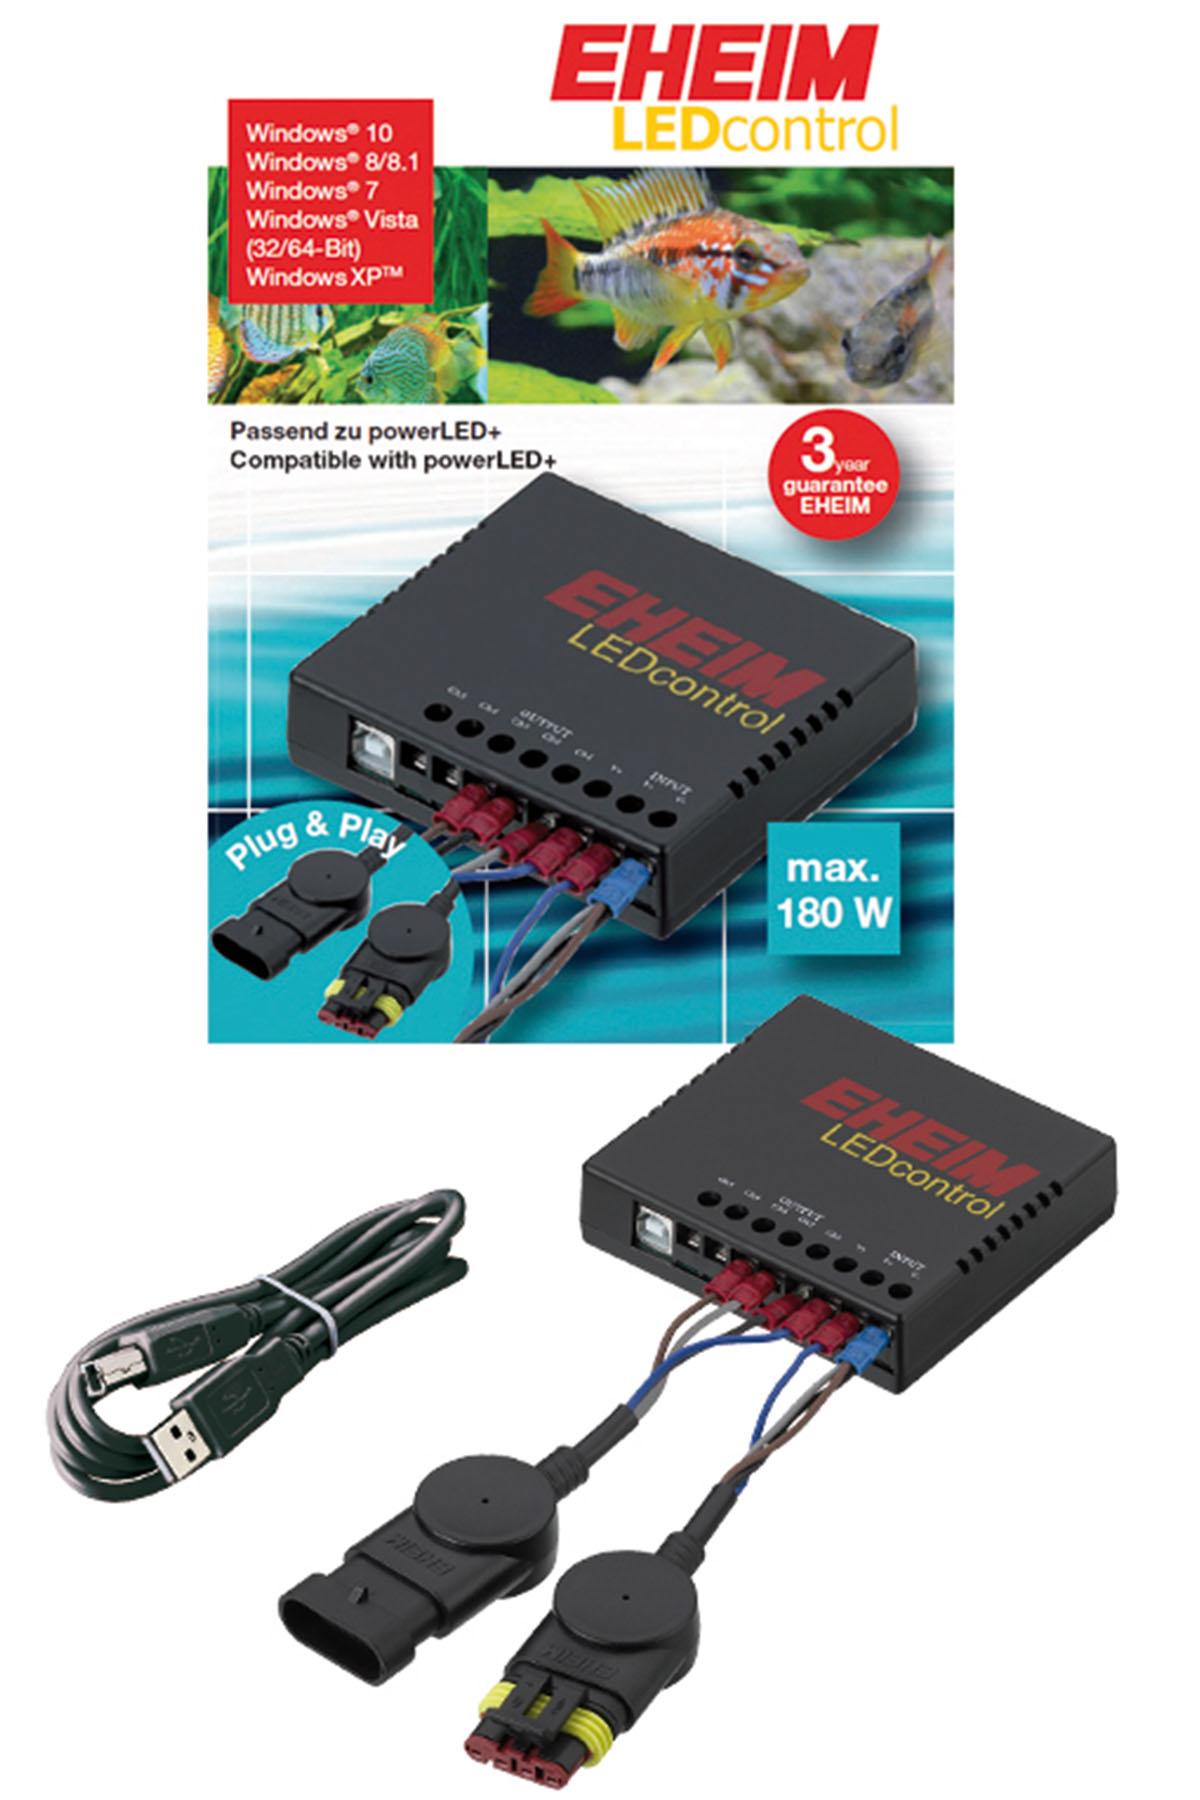 Der LEDcontrol ist eine Steuerung zur Simulation von Helligkeitsverlauf und Lichtstimmungen wie in der Natur.